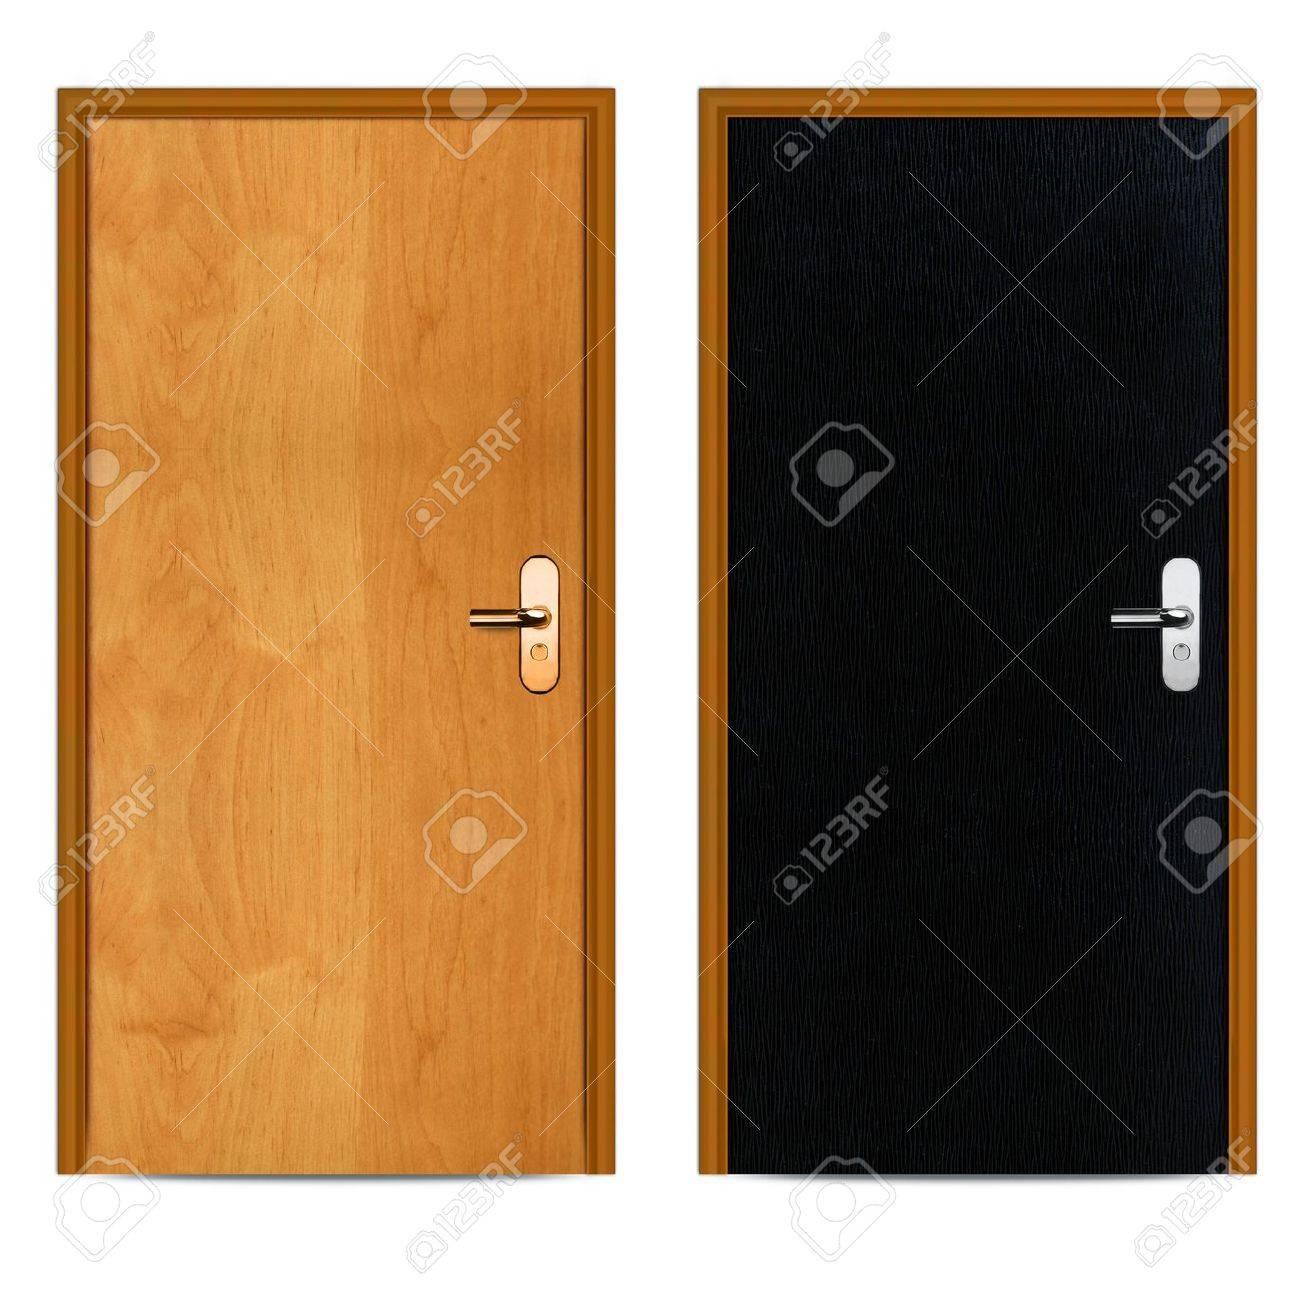 https://previews.123rf.com/images/designsstock/designsstock1204/designsstock120400959/13274992-interieur-zwart-en-bruin-appartement-houten-deur-ge%C3%83%C2%AFsoleerd-op-wit-.jpg